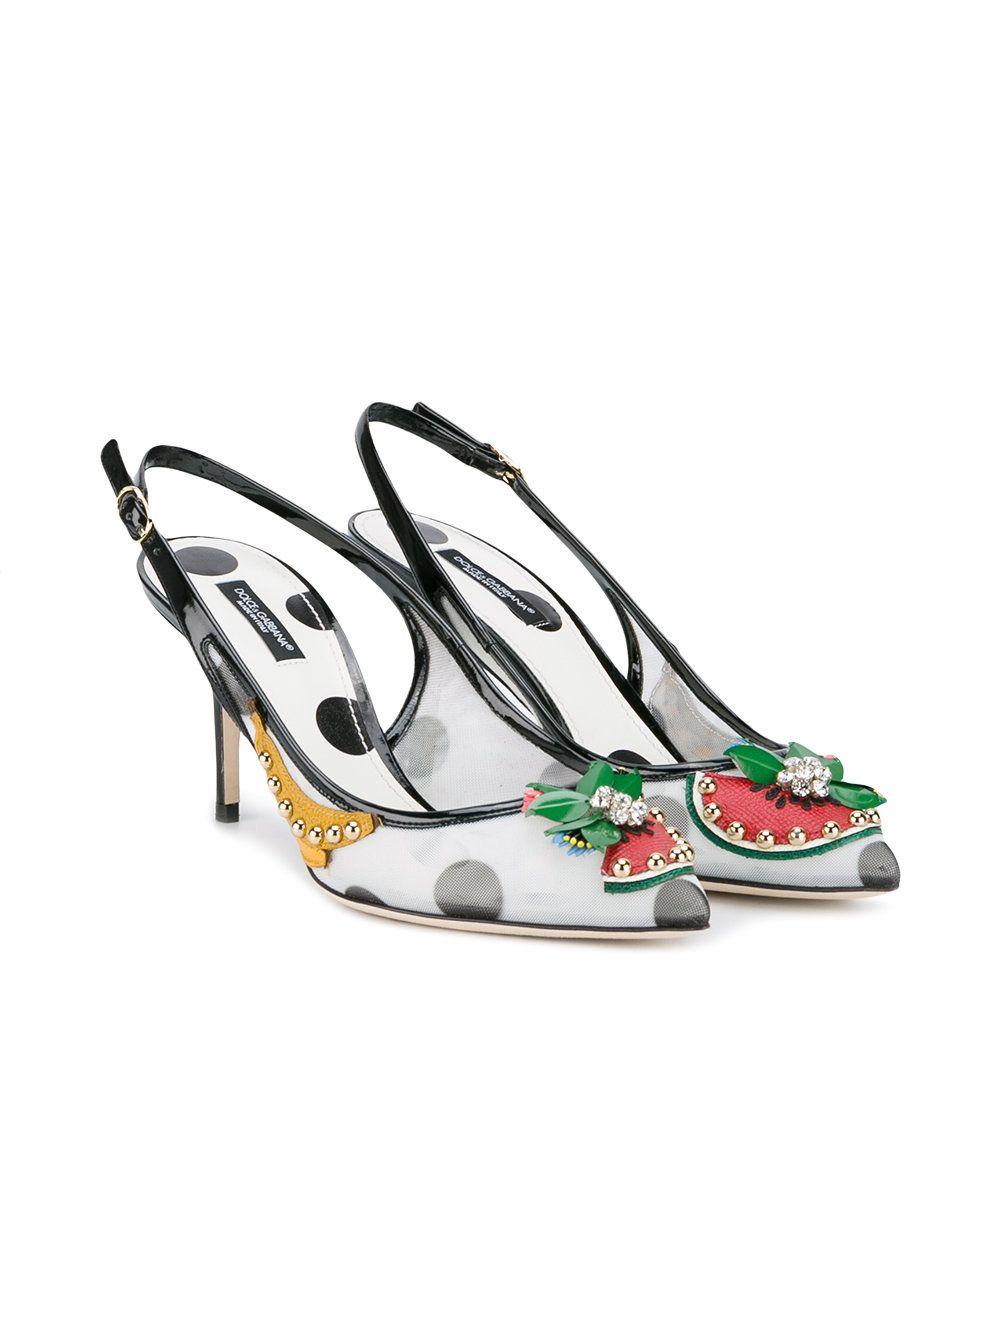 Dolce Gabbana Fruit Embellished Kitten Heel Slingback Pumps Farfetch Kitten Heels Outfit Kitten Heels Heels